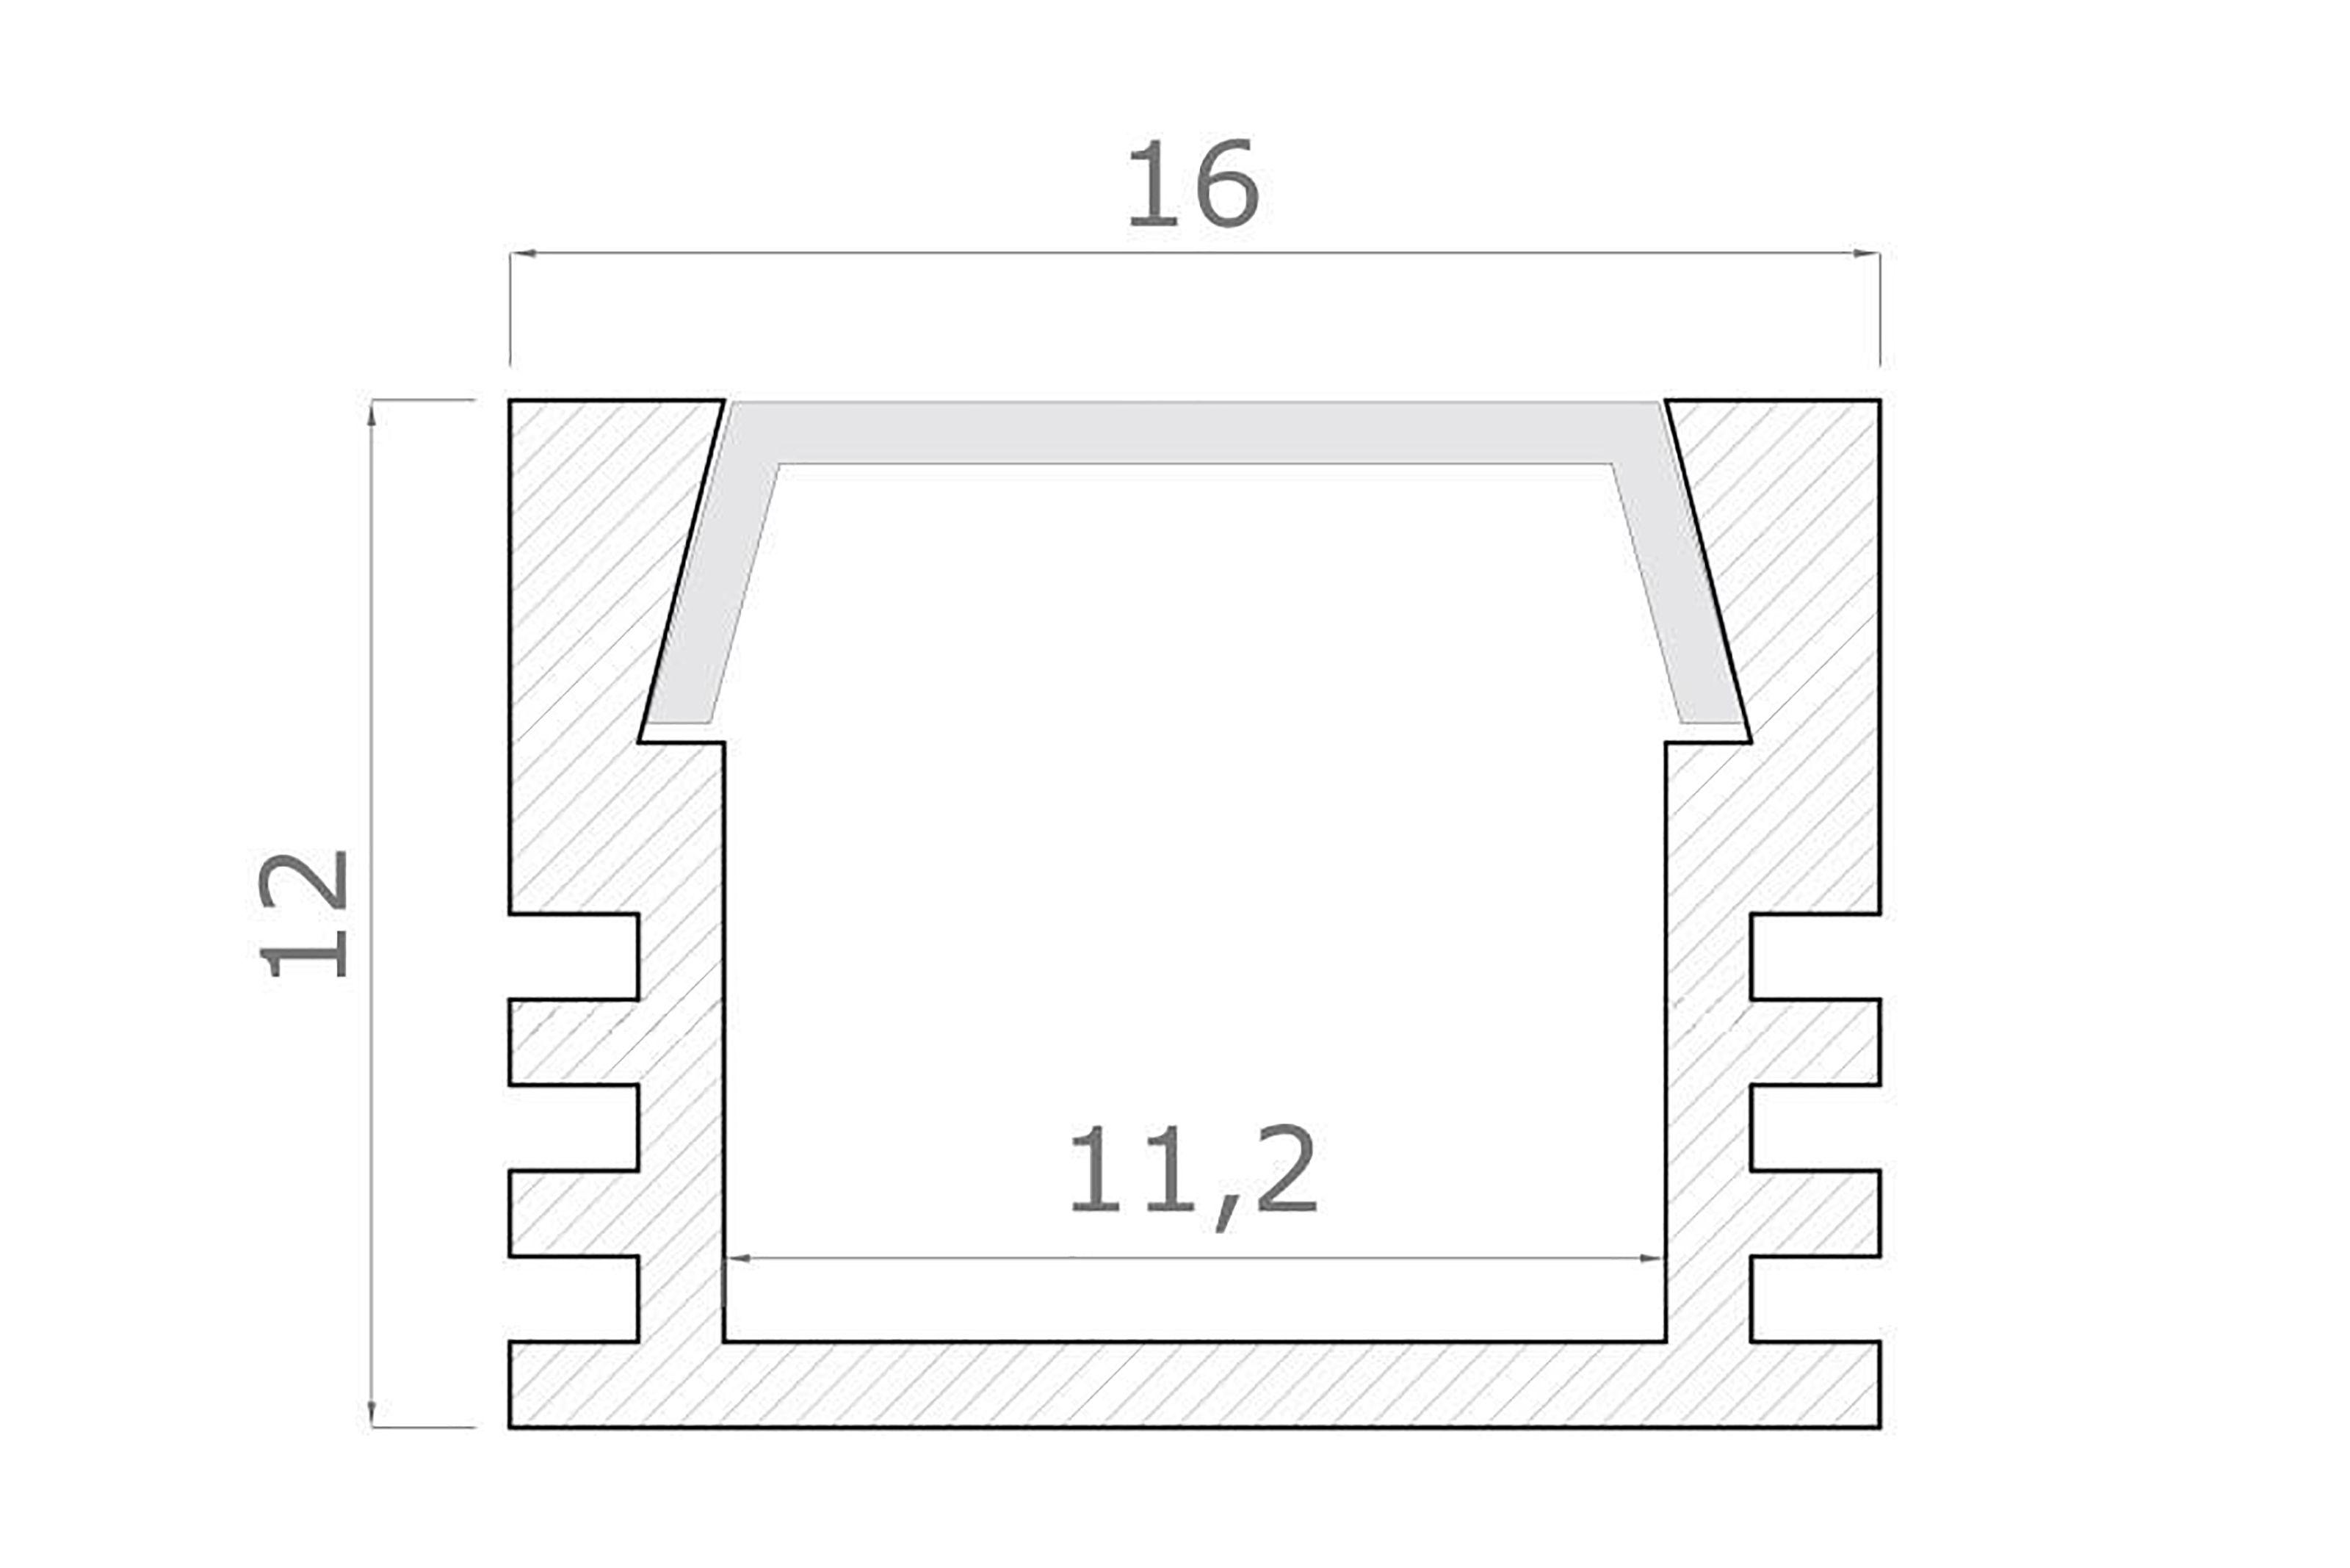 lightline-mini-square-3-mj-lighting-v2